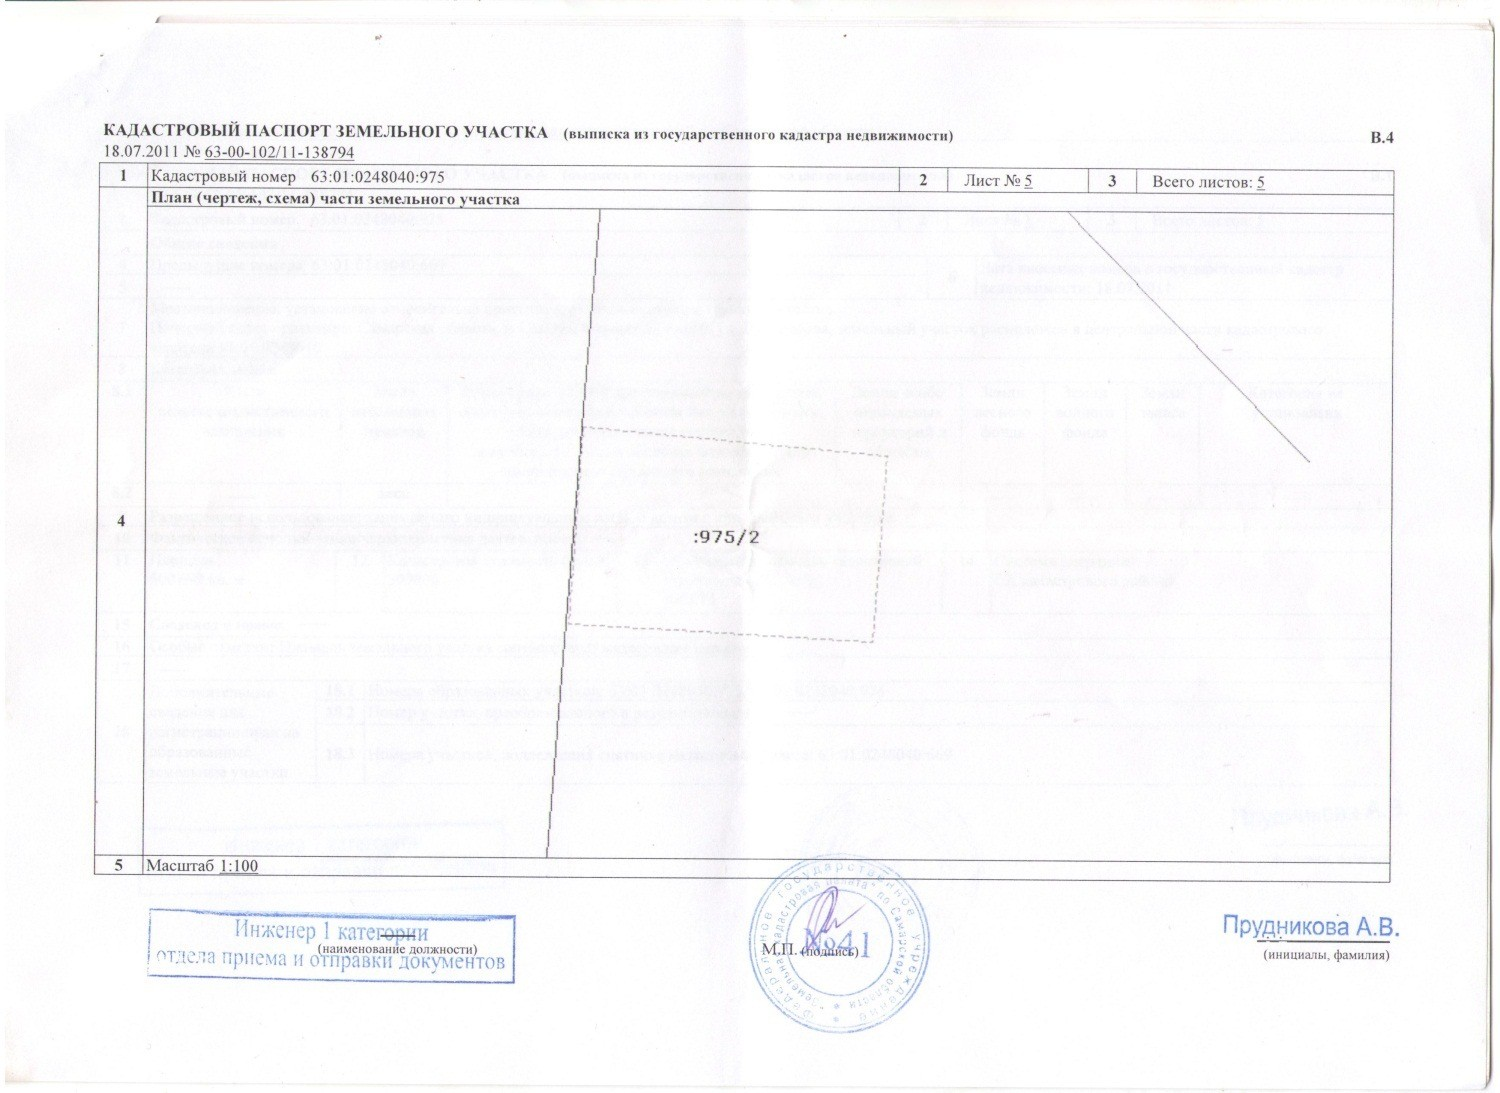 Форма Кадастрового Паспорта Земельного Участка образец